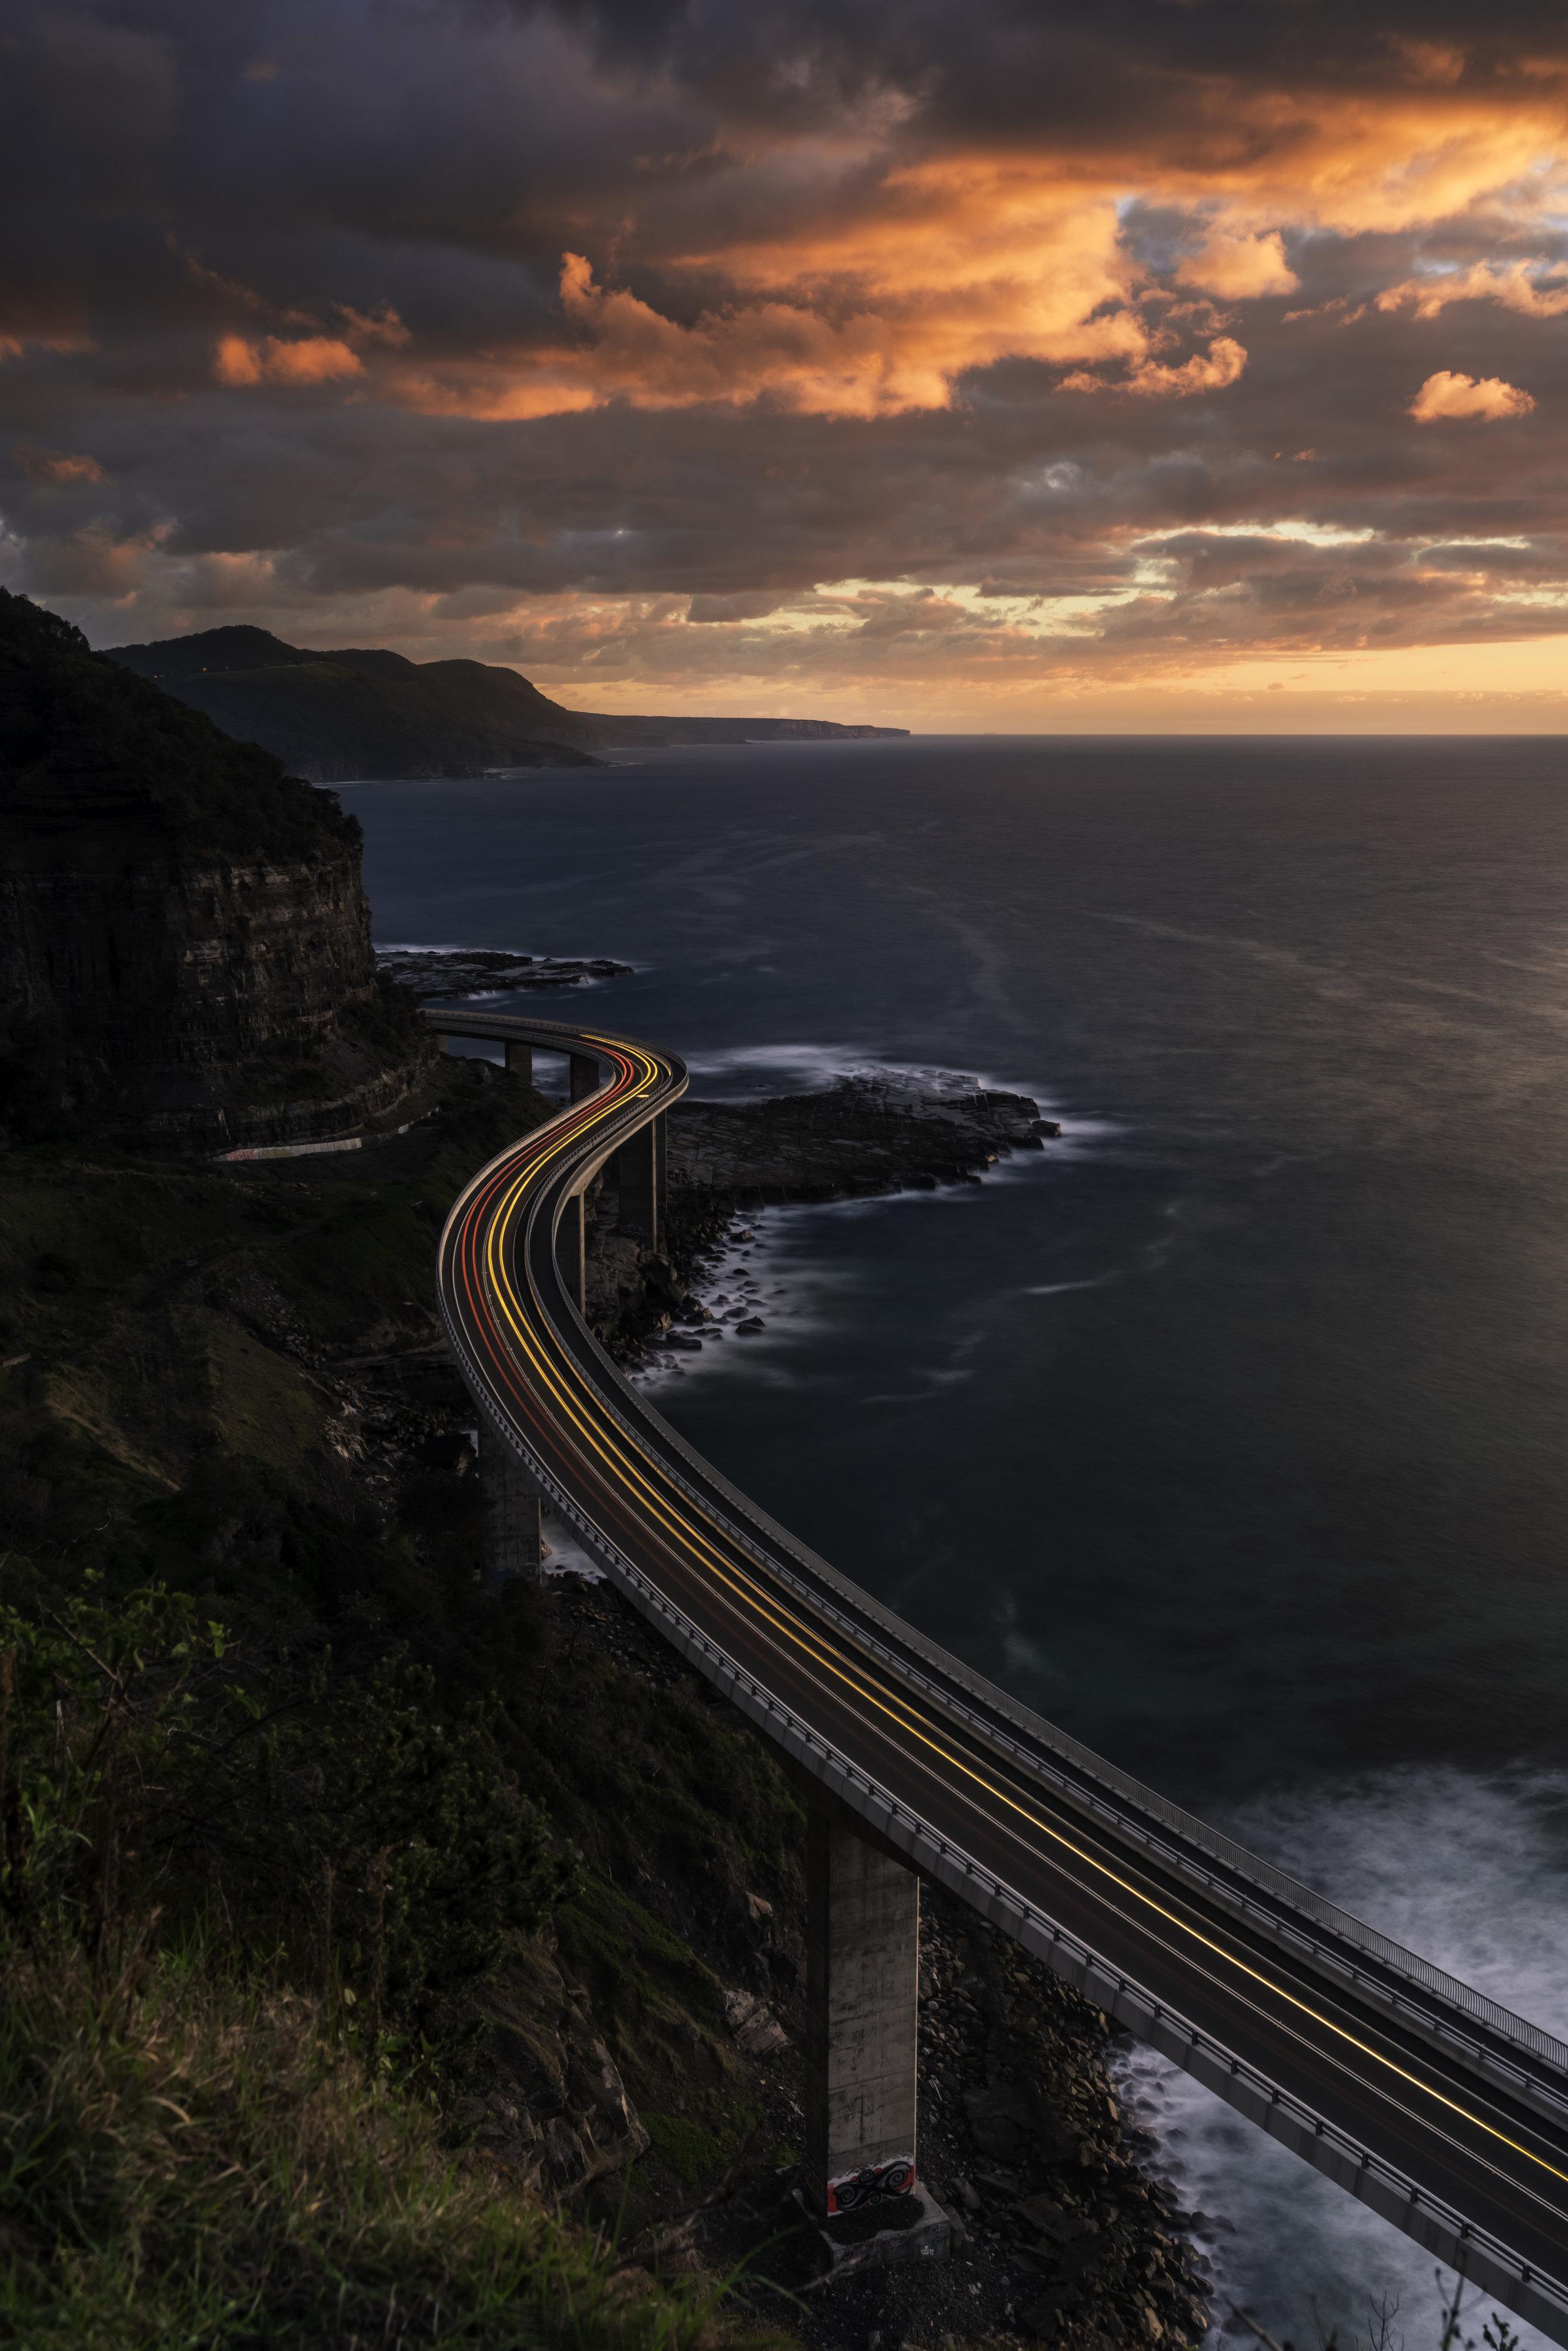 Sunrise over Sea Cliff Bridge